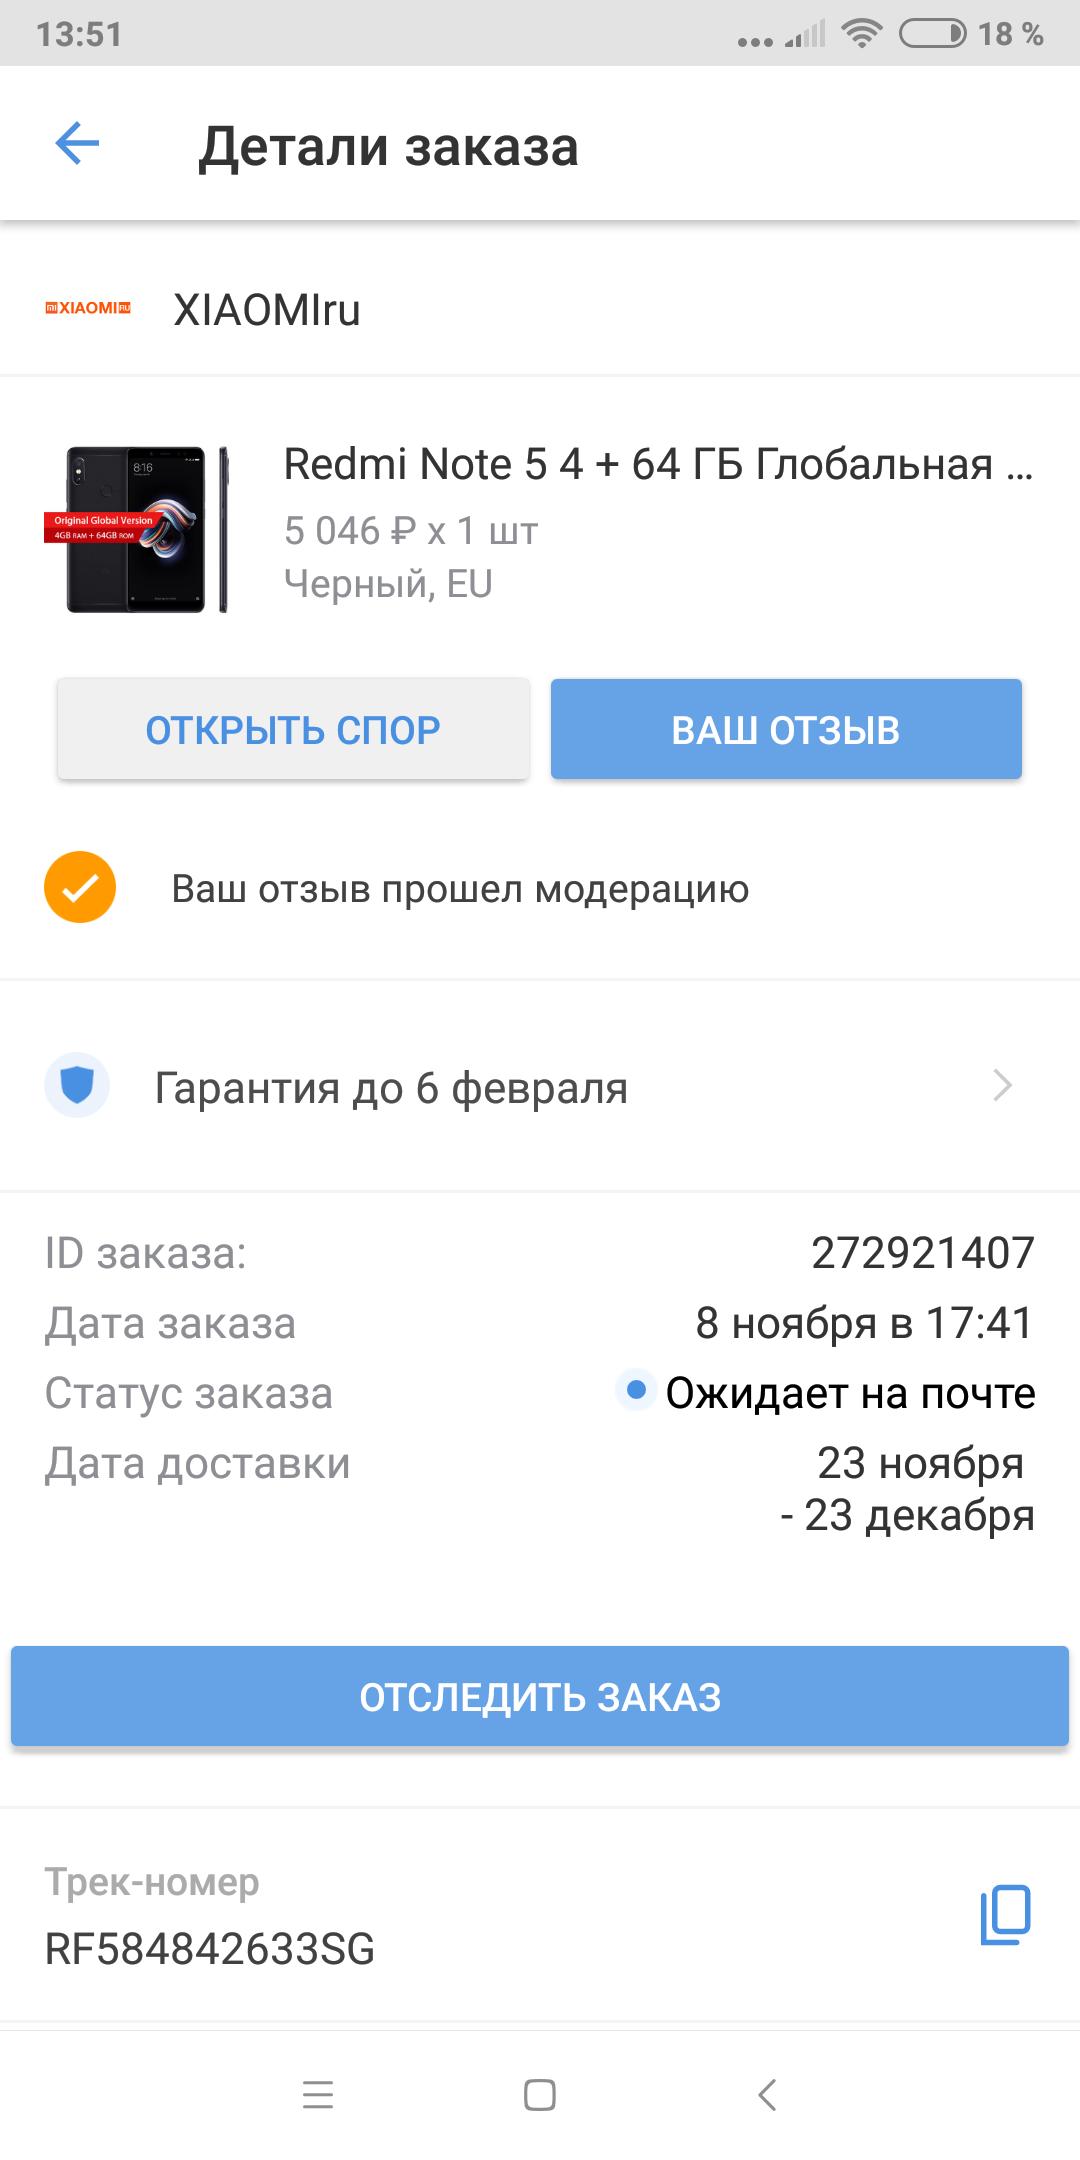 88d6beb73aca7 Подтверждаю! Получил 2 телефона режим нот 5 глобальная версия. Каждый по 5  тысяч рублей. Ещё xiaomi band 3 за 700 рублей. Все оригиналы и отлично  работают.